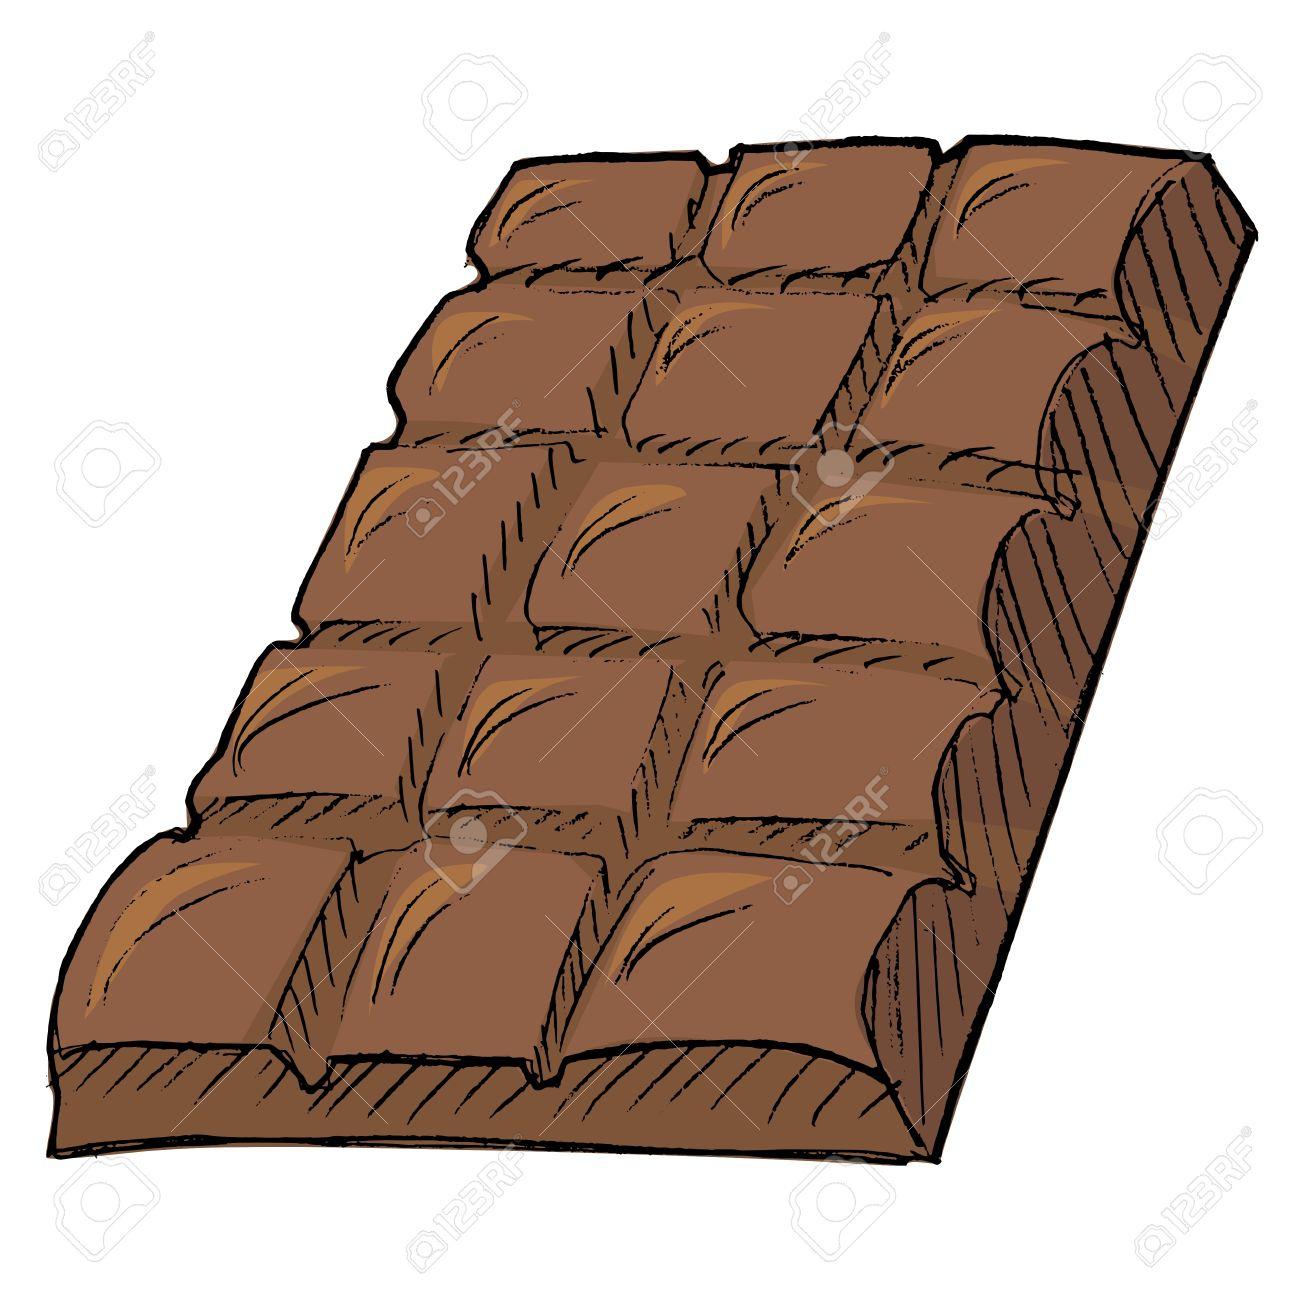 Banque Dimages Chocolat Dans Le Style Doodle. Barre Geste concernant Tablette Chocolat Dessin